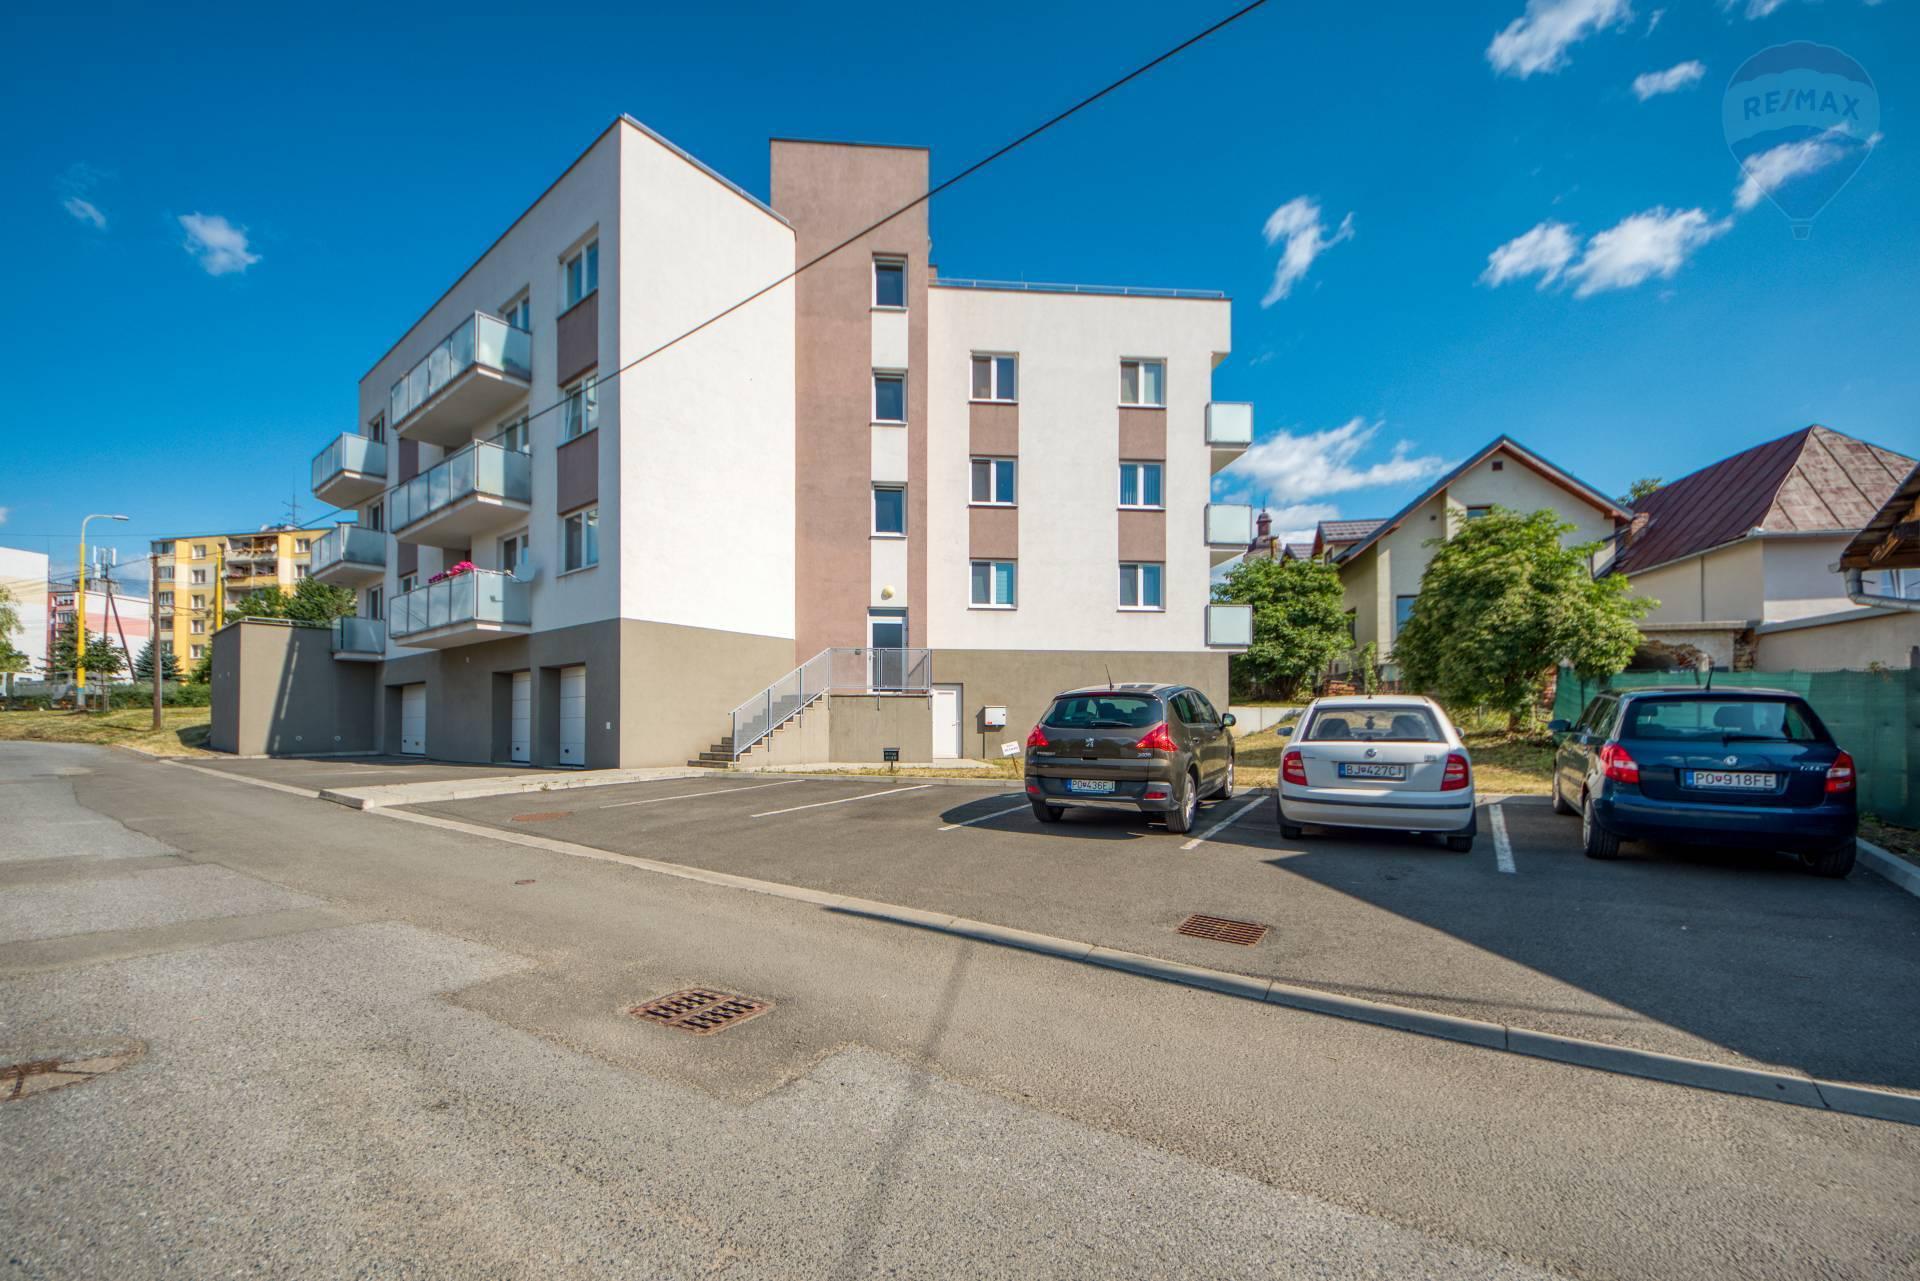 Garsónka na prenájom, ulica Solivarská, Prešov